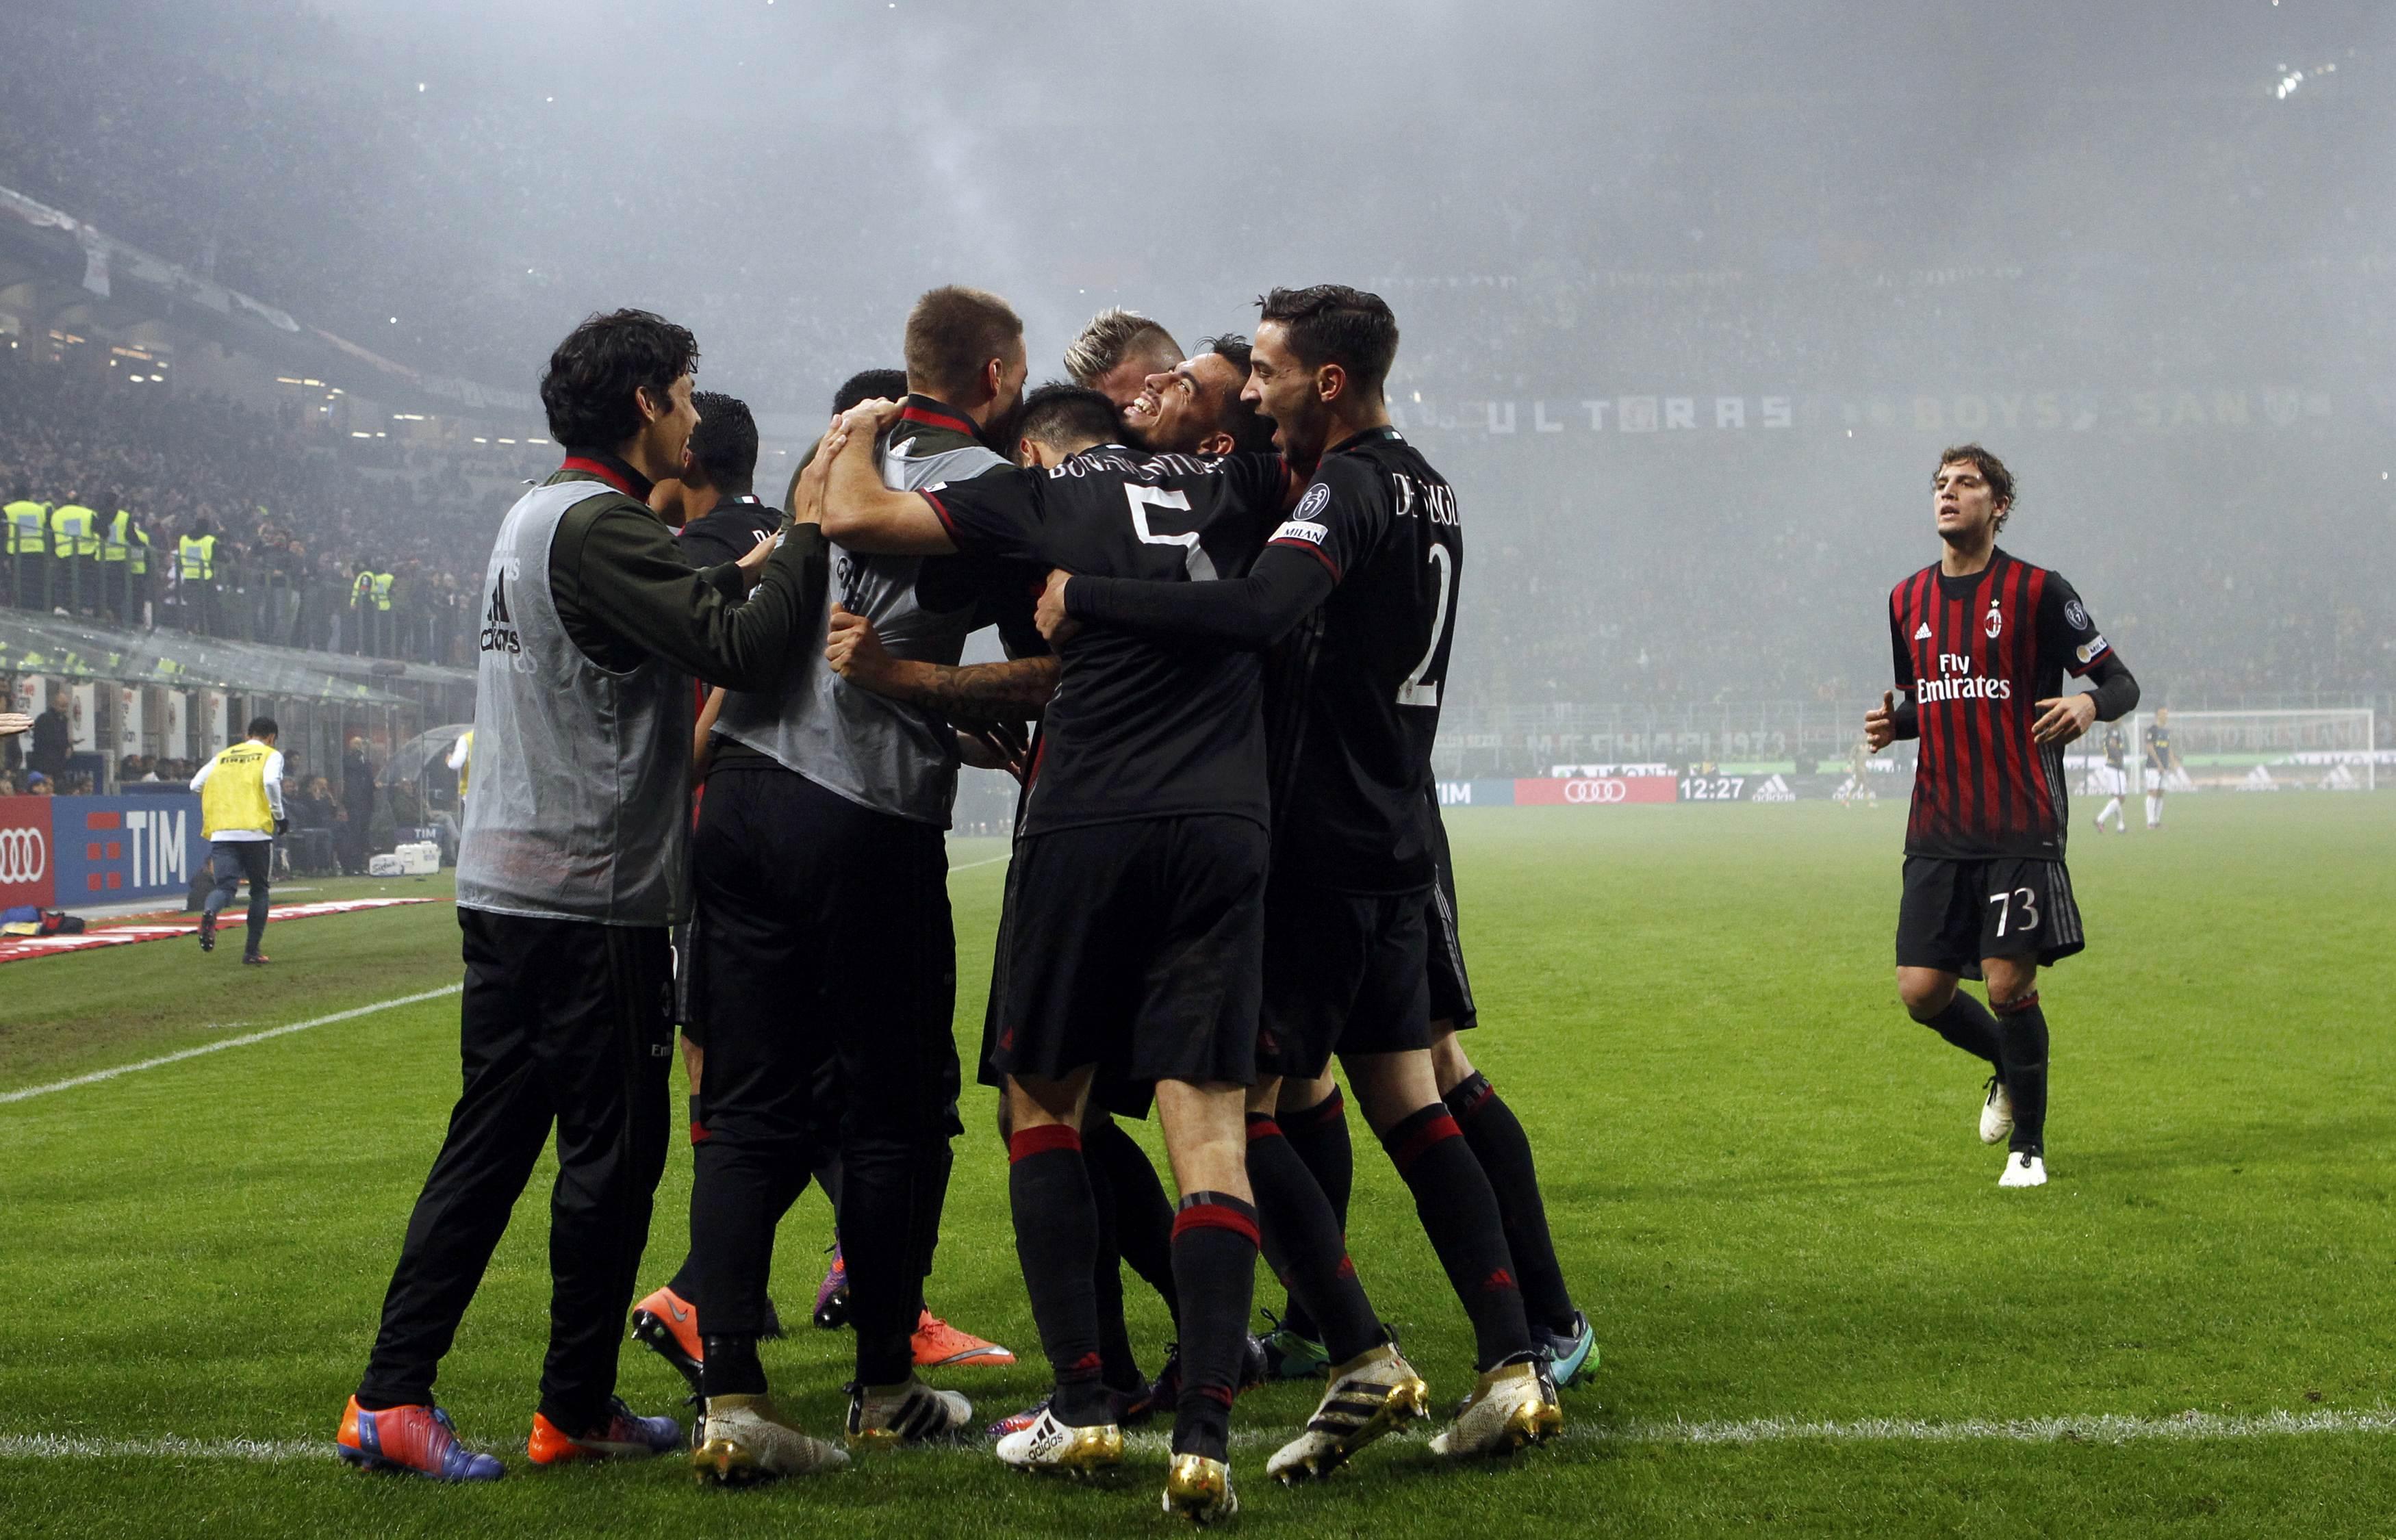 «Интер» и«Милан» расписали боевую ничью вдерби